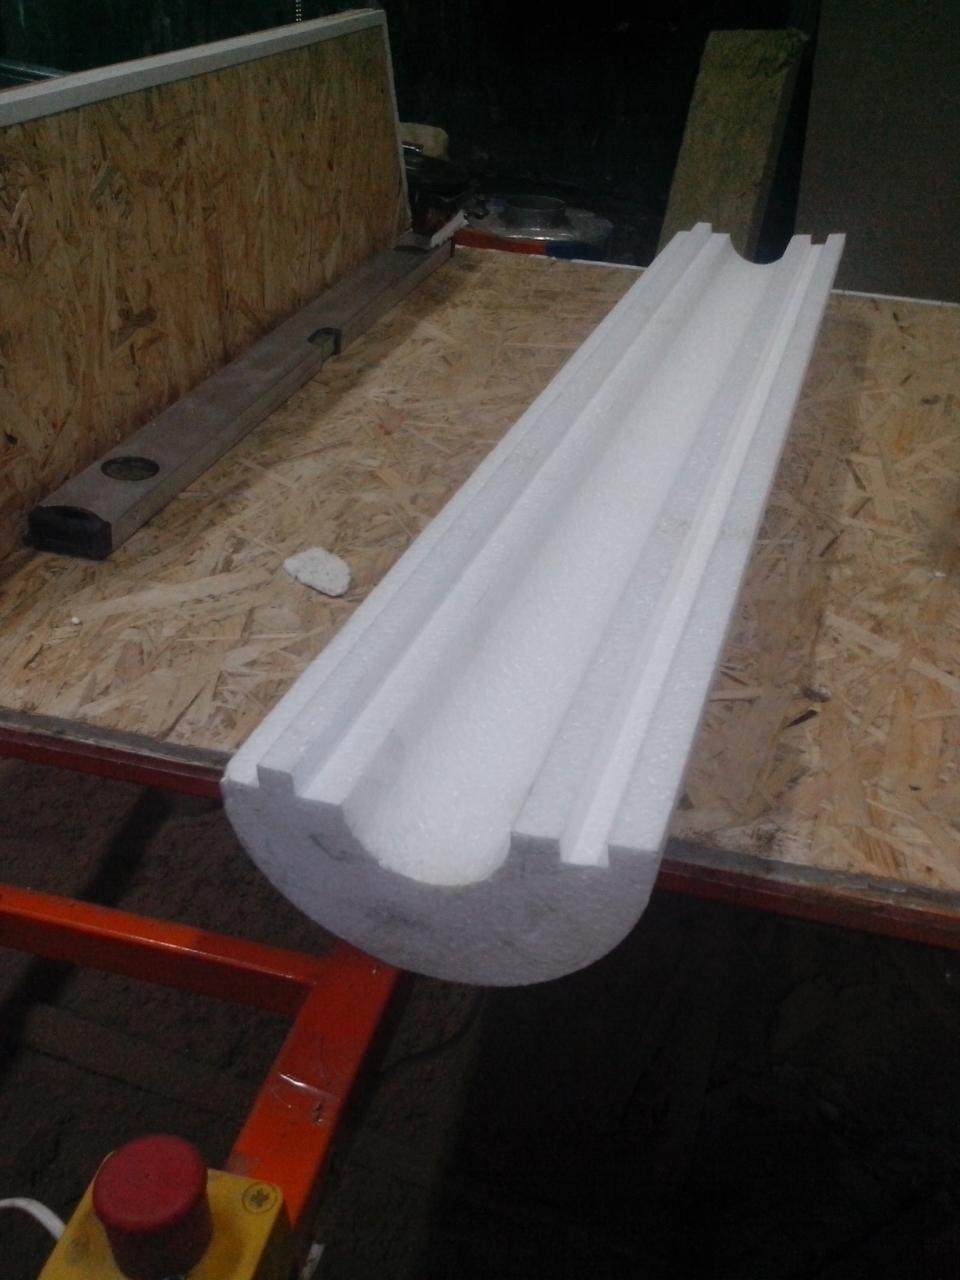 Утеплитель из пенопласта (пенополистирола) для труб Ø 63 мм толщиной 40 мм